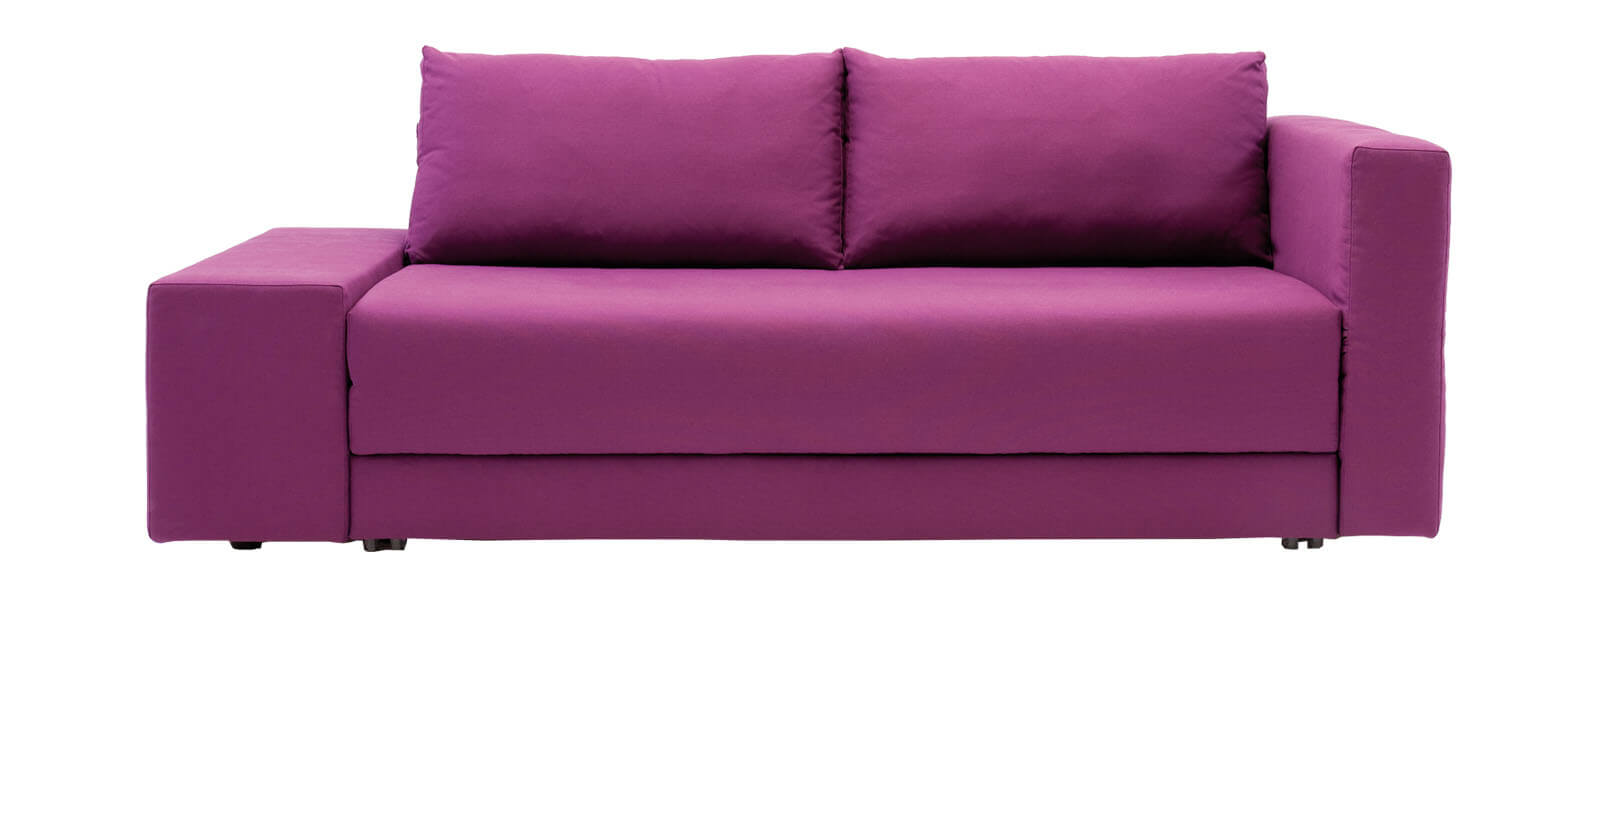 Franz Fertig Sofas sofabed confetto by franz fertig